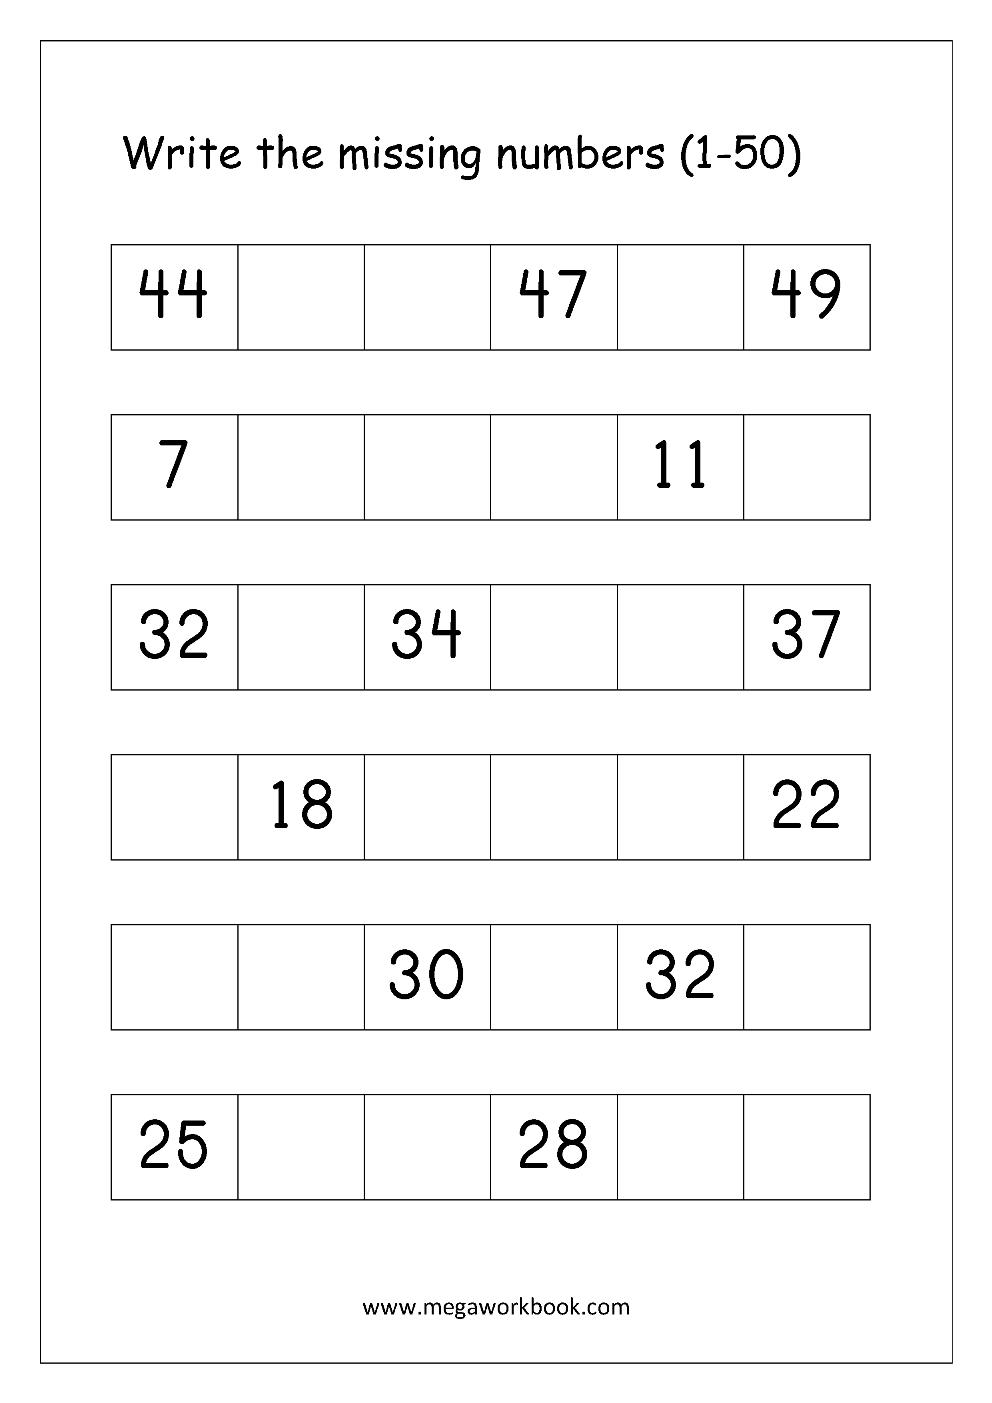 free printable number order worksheets - missing numbers  1-10  1-20  1-50  1-100